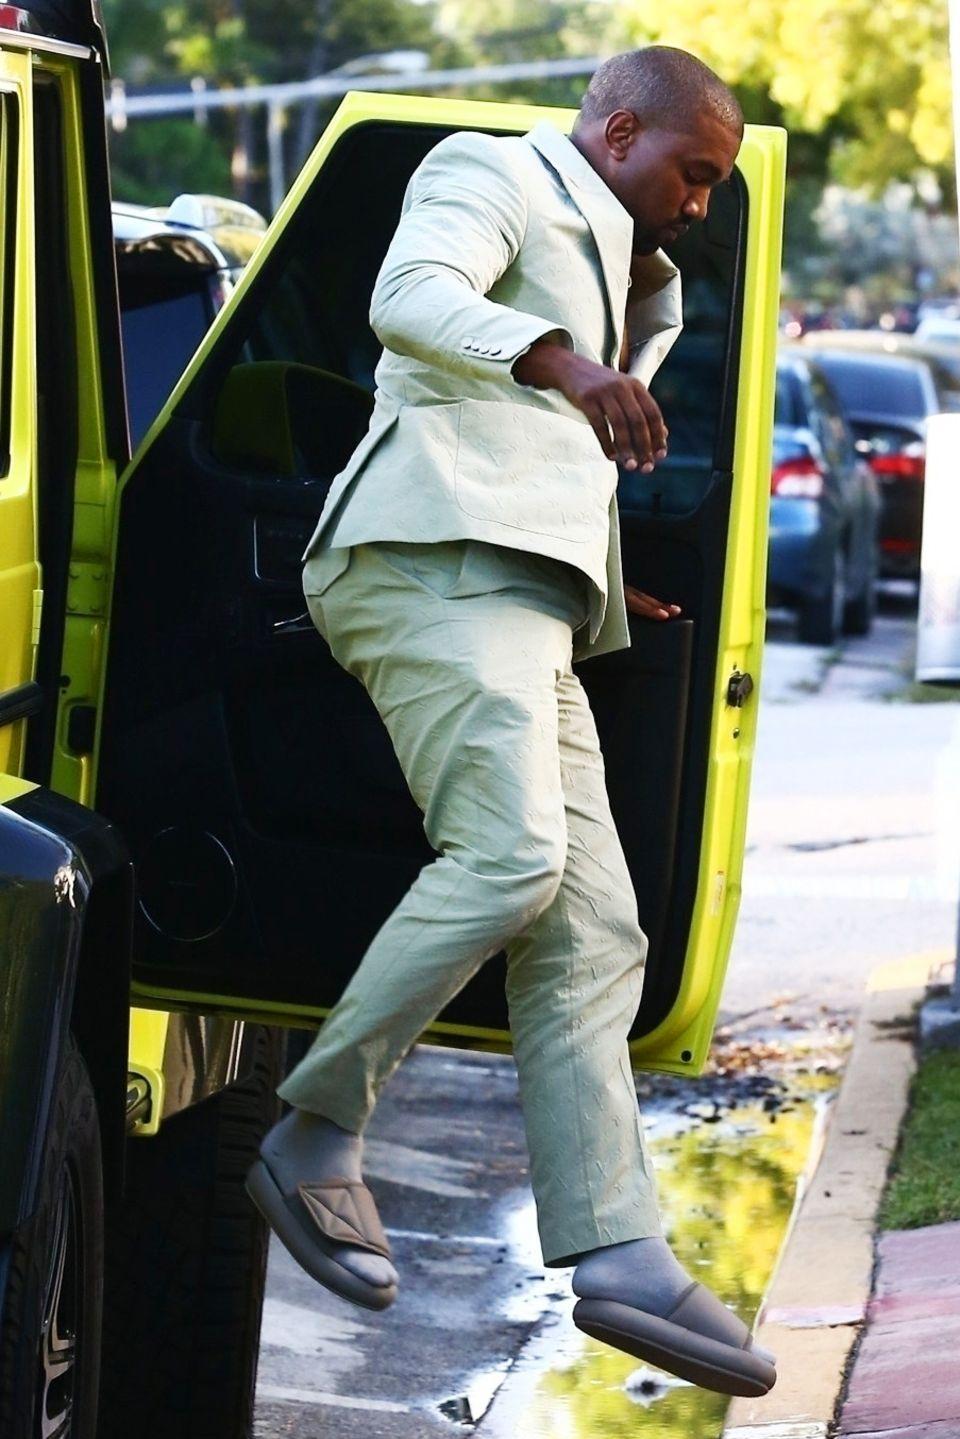 18. August 2018  Egal wo Kanye West und Kim Kardashian auftauchen, sorgen sie für großes Aufsehen. In Miami will das Promi-Paar eigentlich nur schnell ein Eis essen und hat dabei mit einigen Hindernissen zu kämpfen: Beim Aussteigen aus dem Auto muss Kanye eine Pfütze überspringen ...